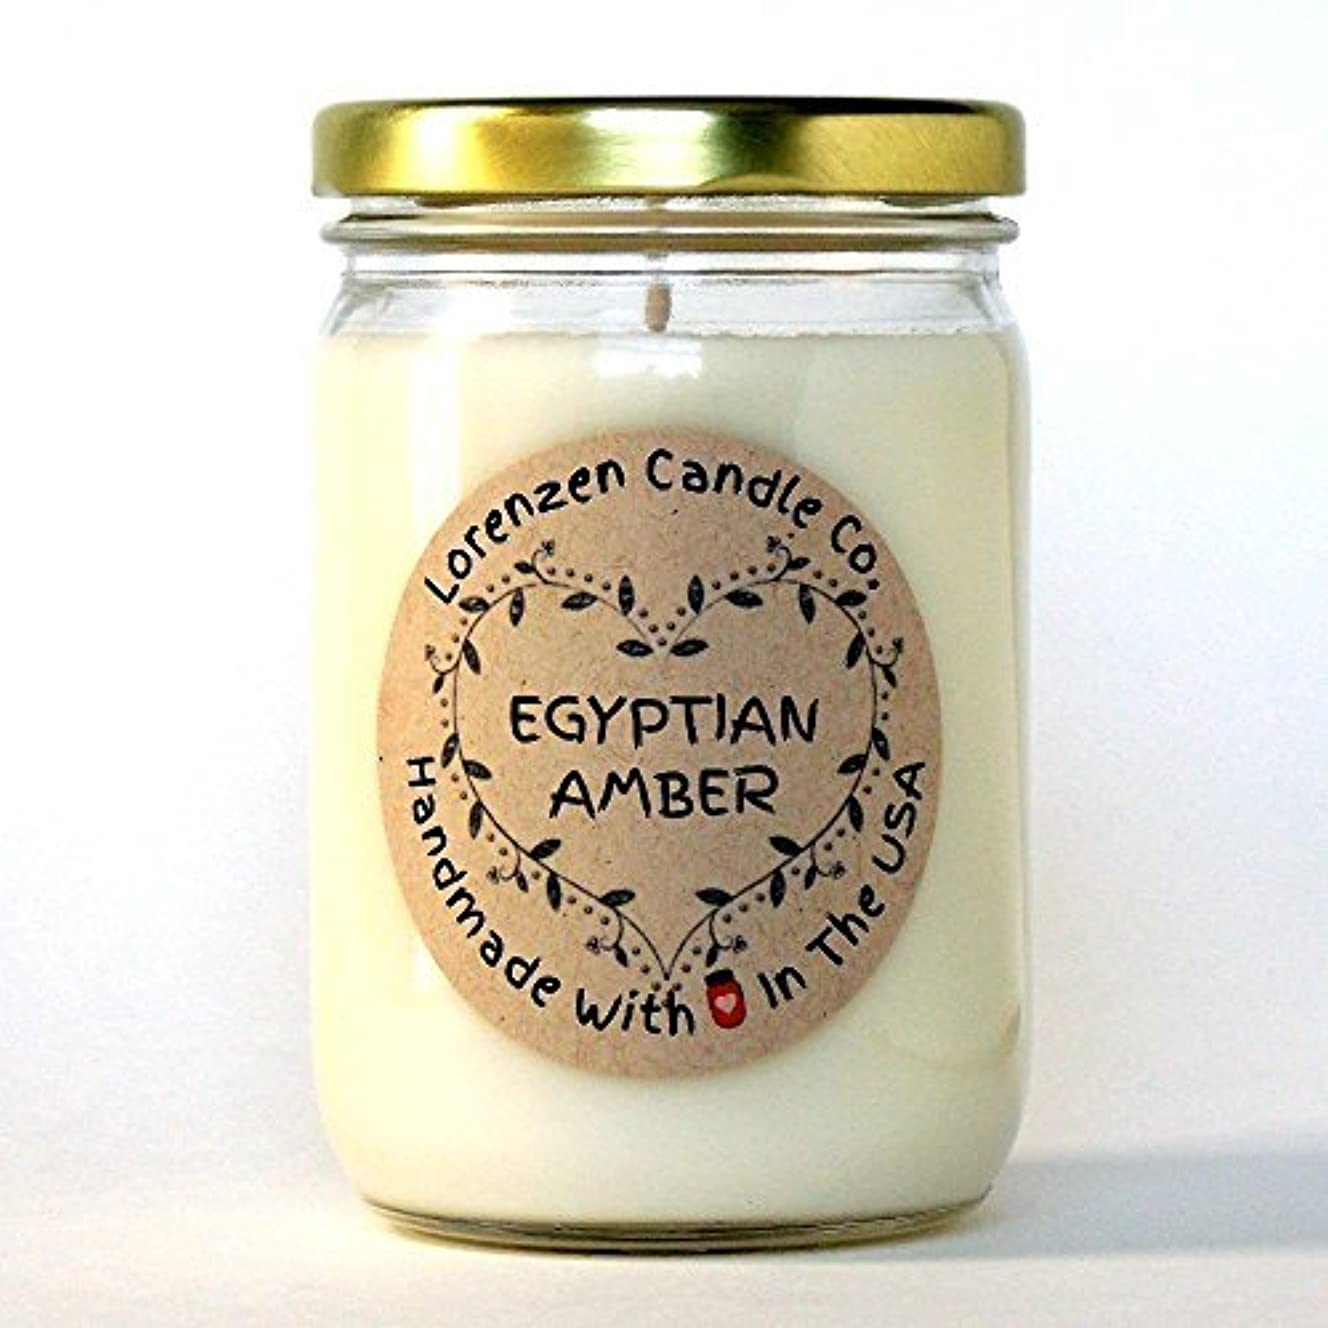 器具壊れた実証するEgyptian Amber Soy Candle 12oz [並行輸入品]